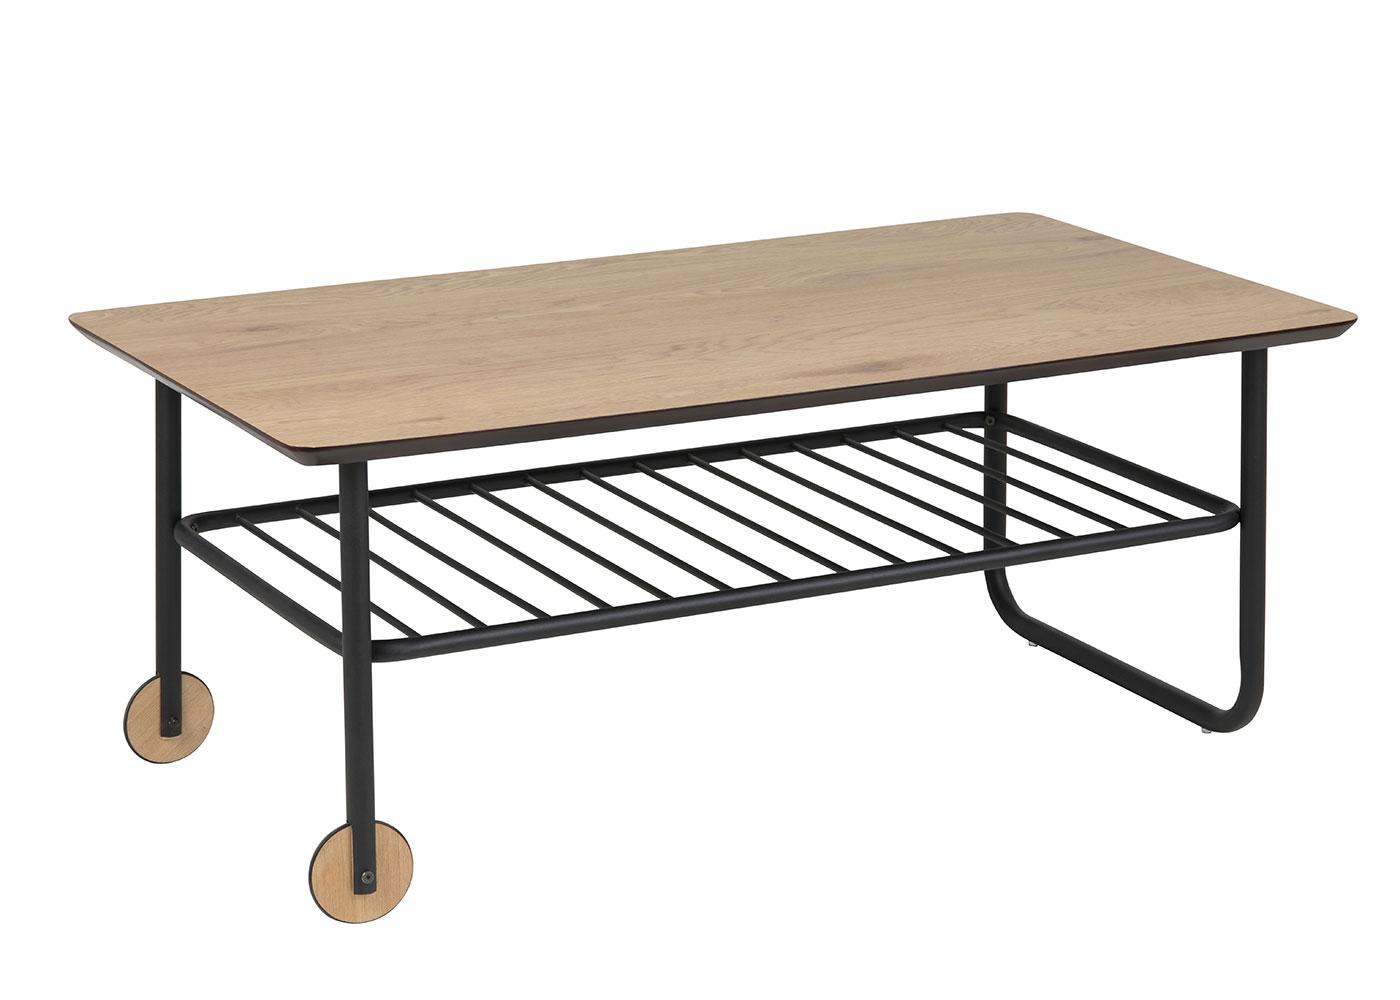 Konferenčný stolík s kolieskami Whale, 110 cm, dub / čierna